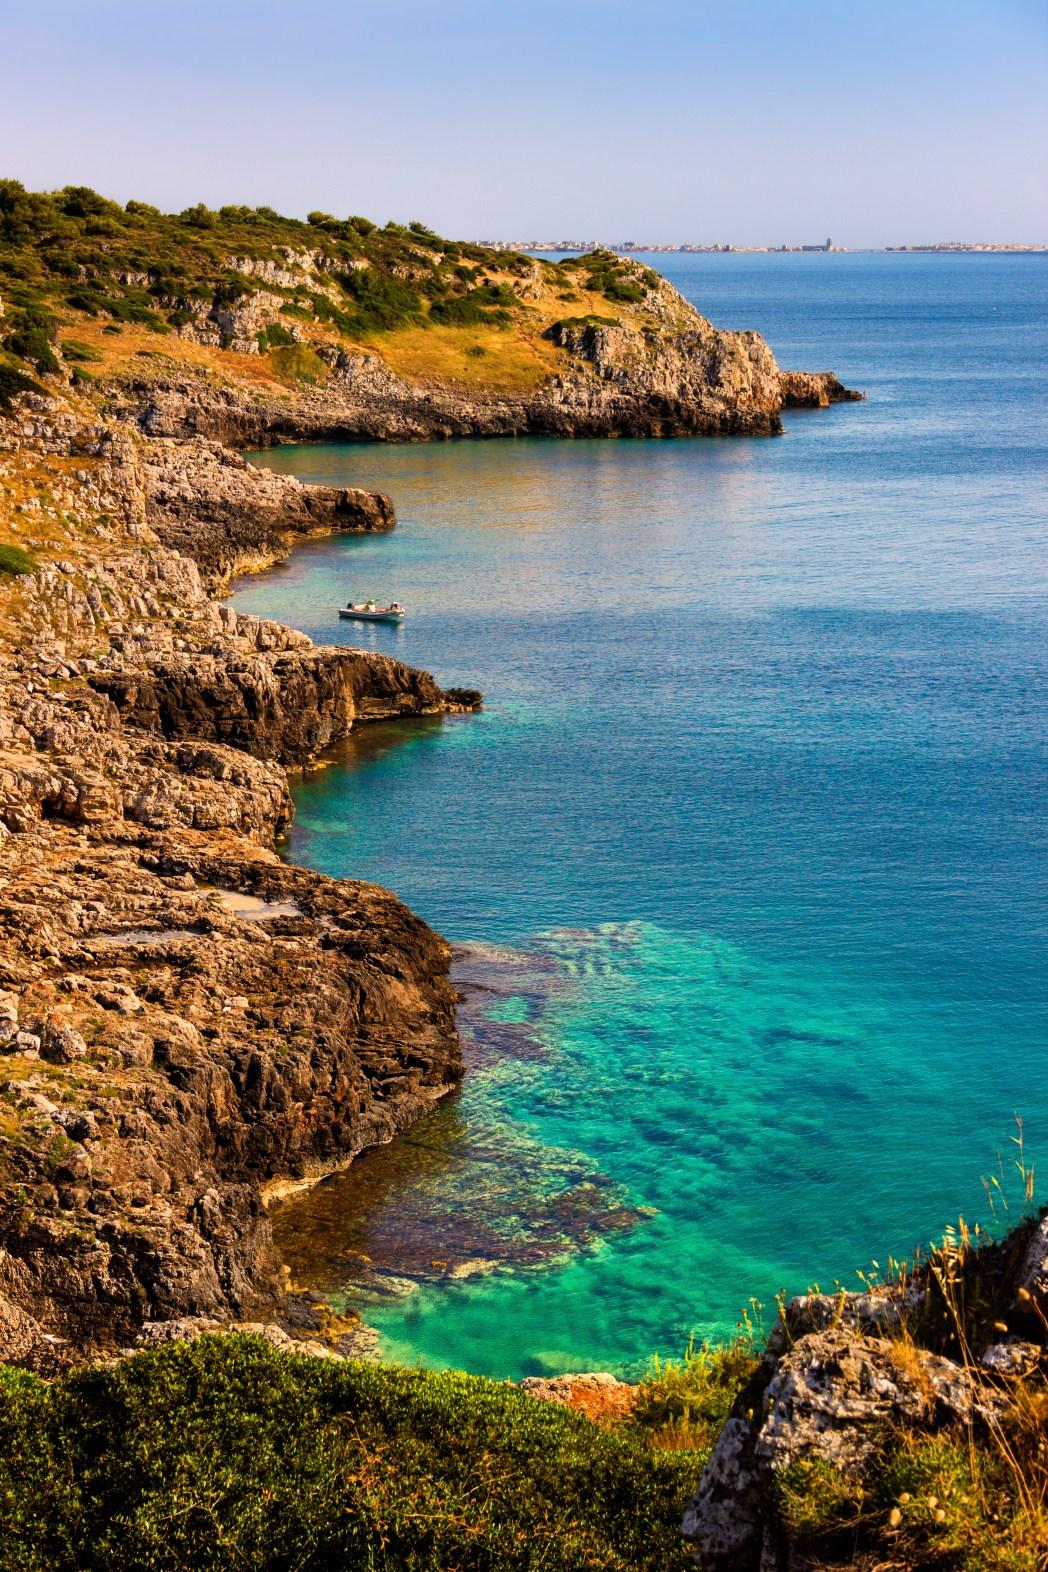 Spiagge del Salento: Porto Selvaggio